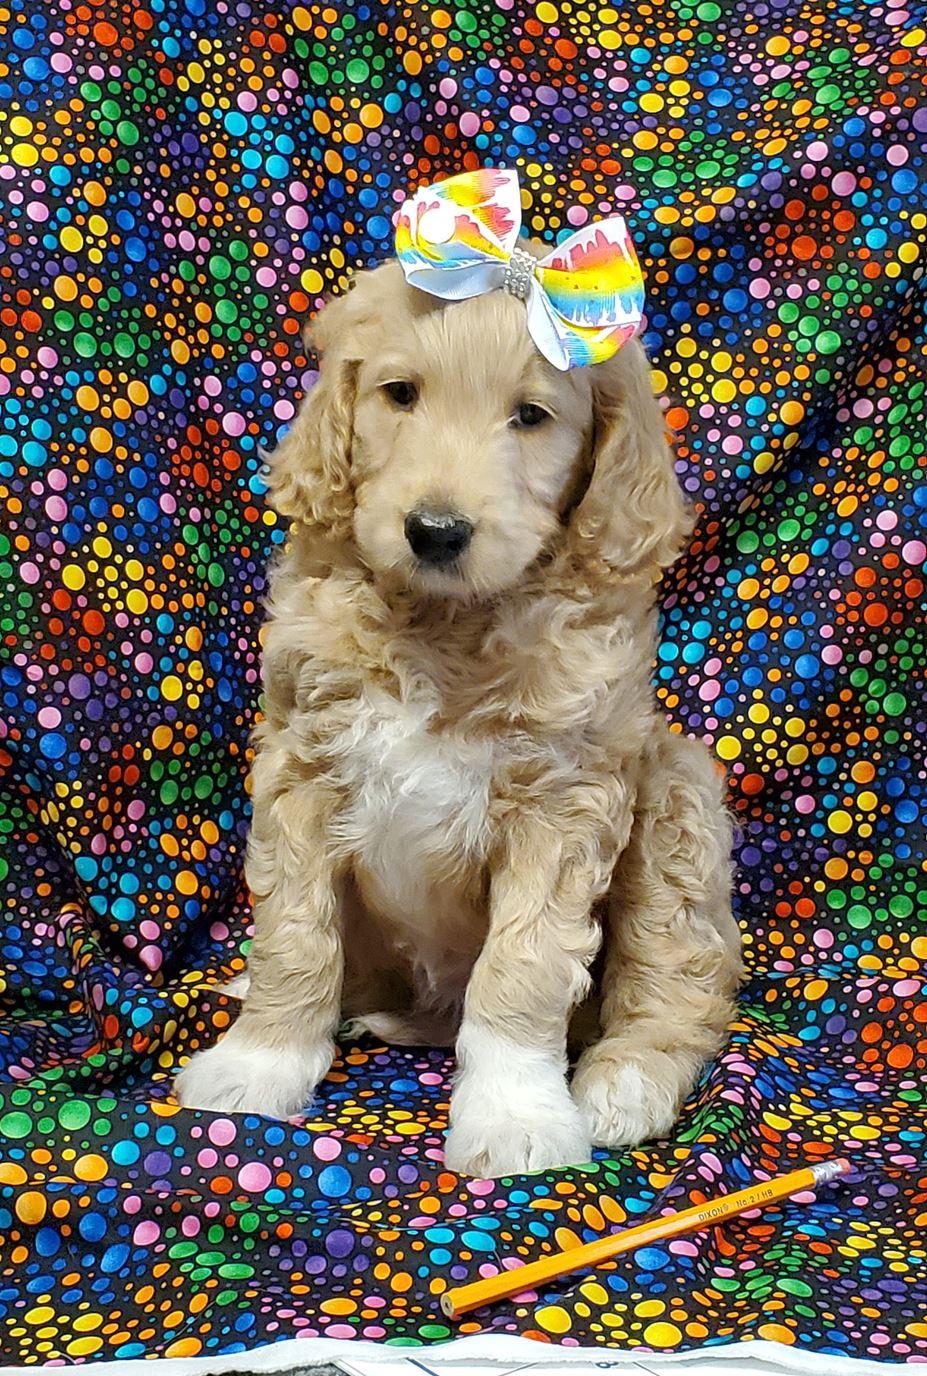 Ckc Registered Golden Doodle Puppies For Sale Jonesville Mi